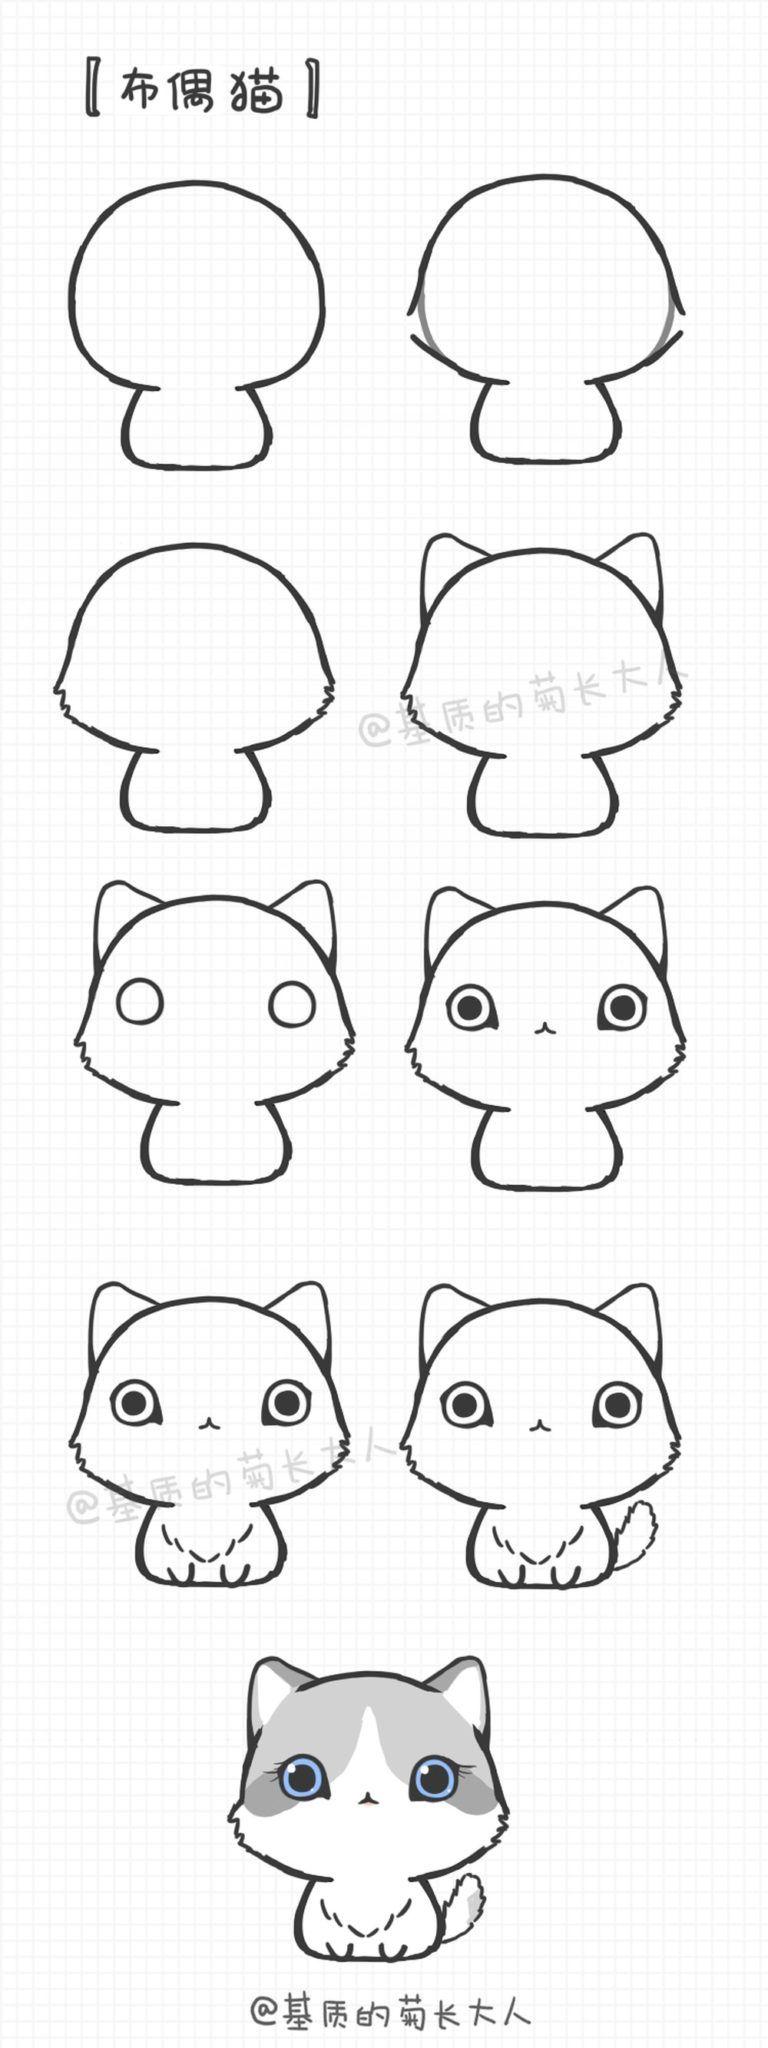 580 Desenhos para Desenhar Fáceis